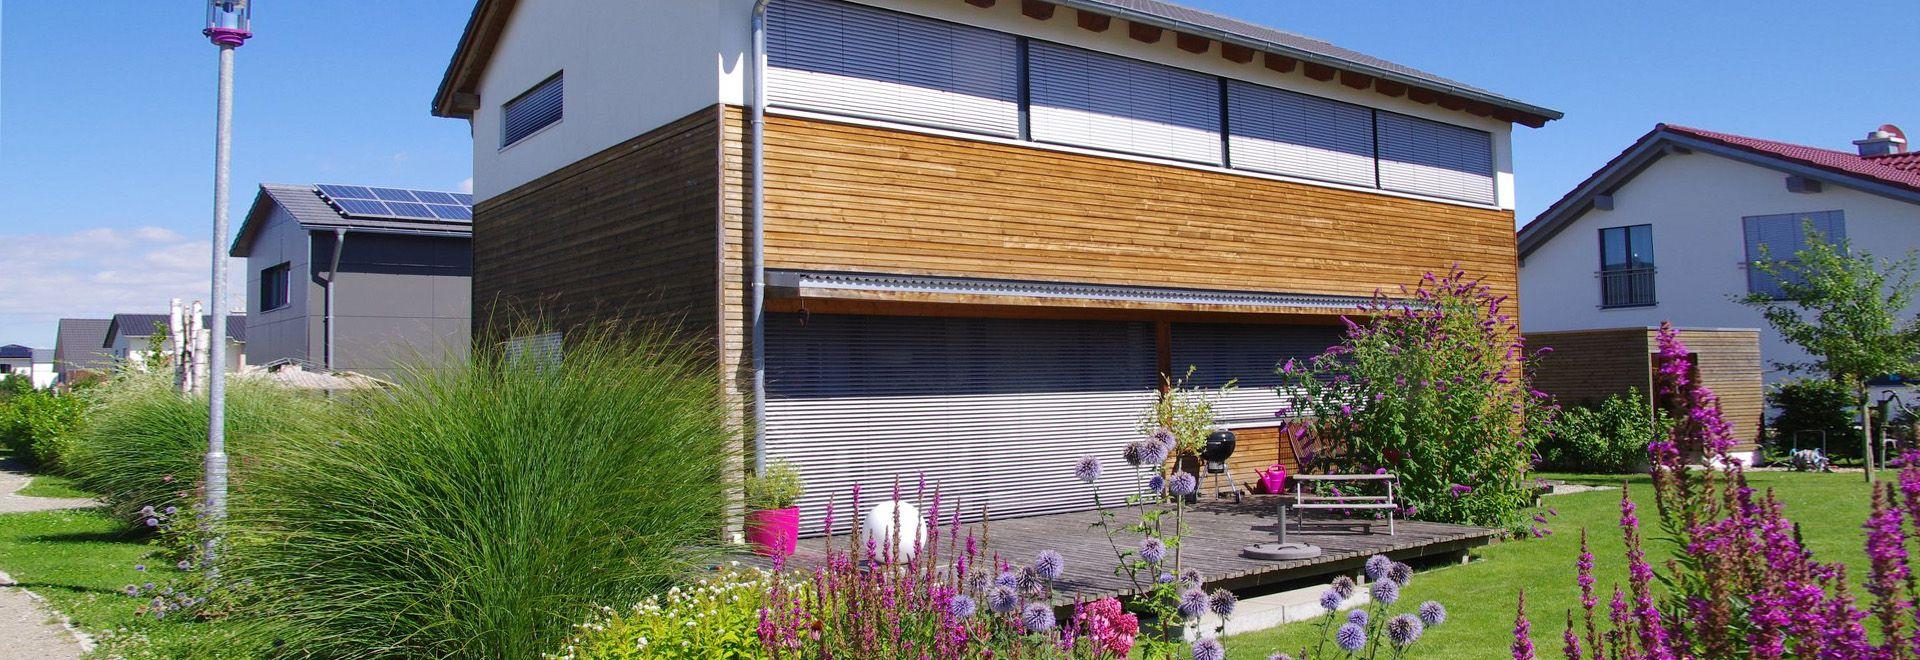 Holzhaus Rosskopf Naturlich Bauen Naturlich Leben